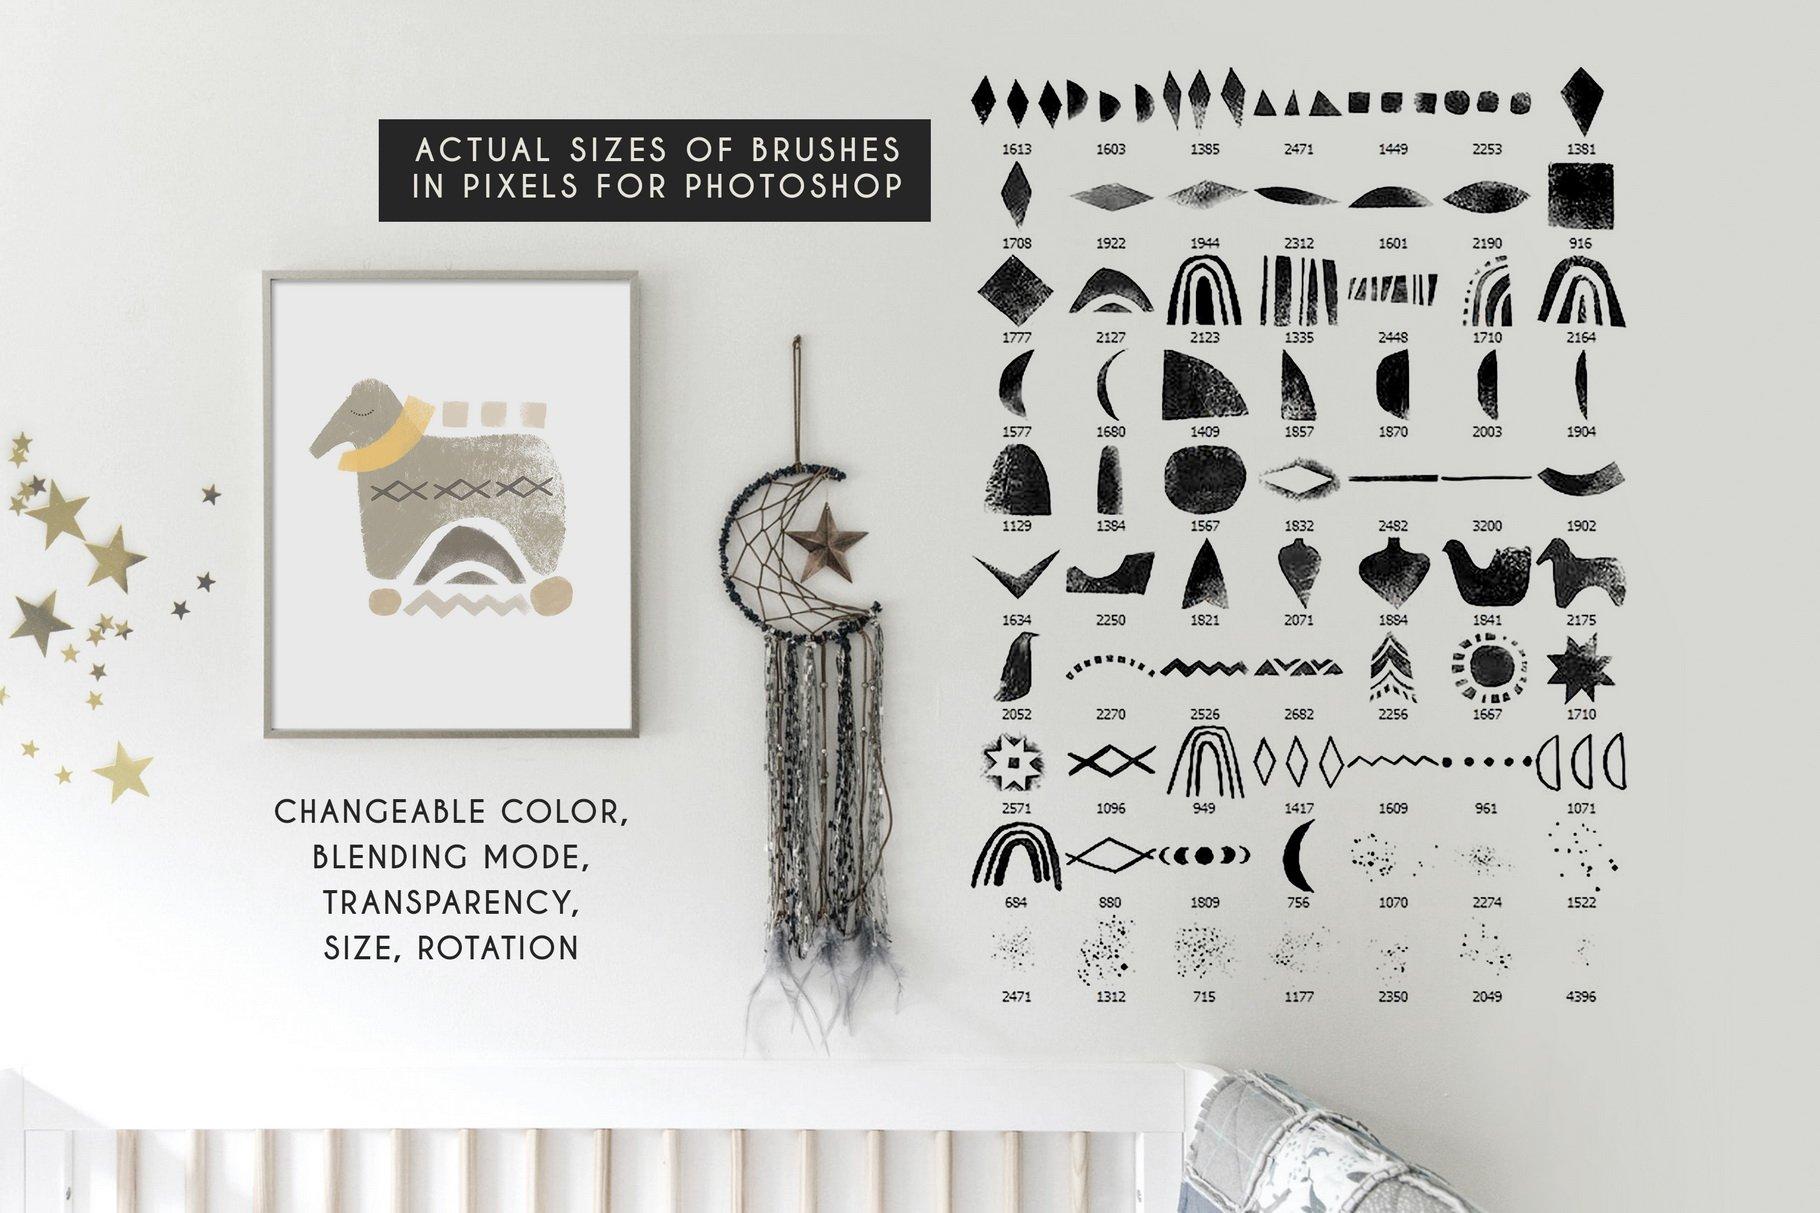 775款艺术气息水彩水墨丙烯酸绘画效果PS图章笔刷素材 Photoshop Stamp Brushes Bundle 2020插图33